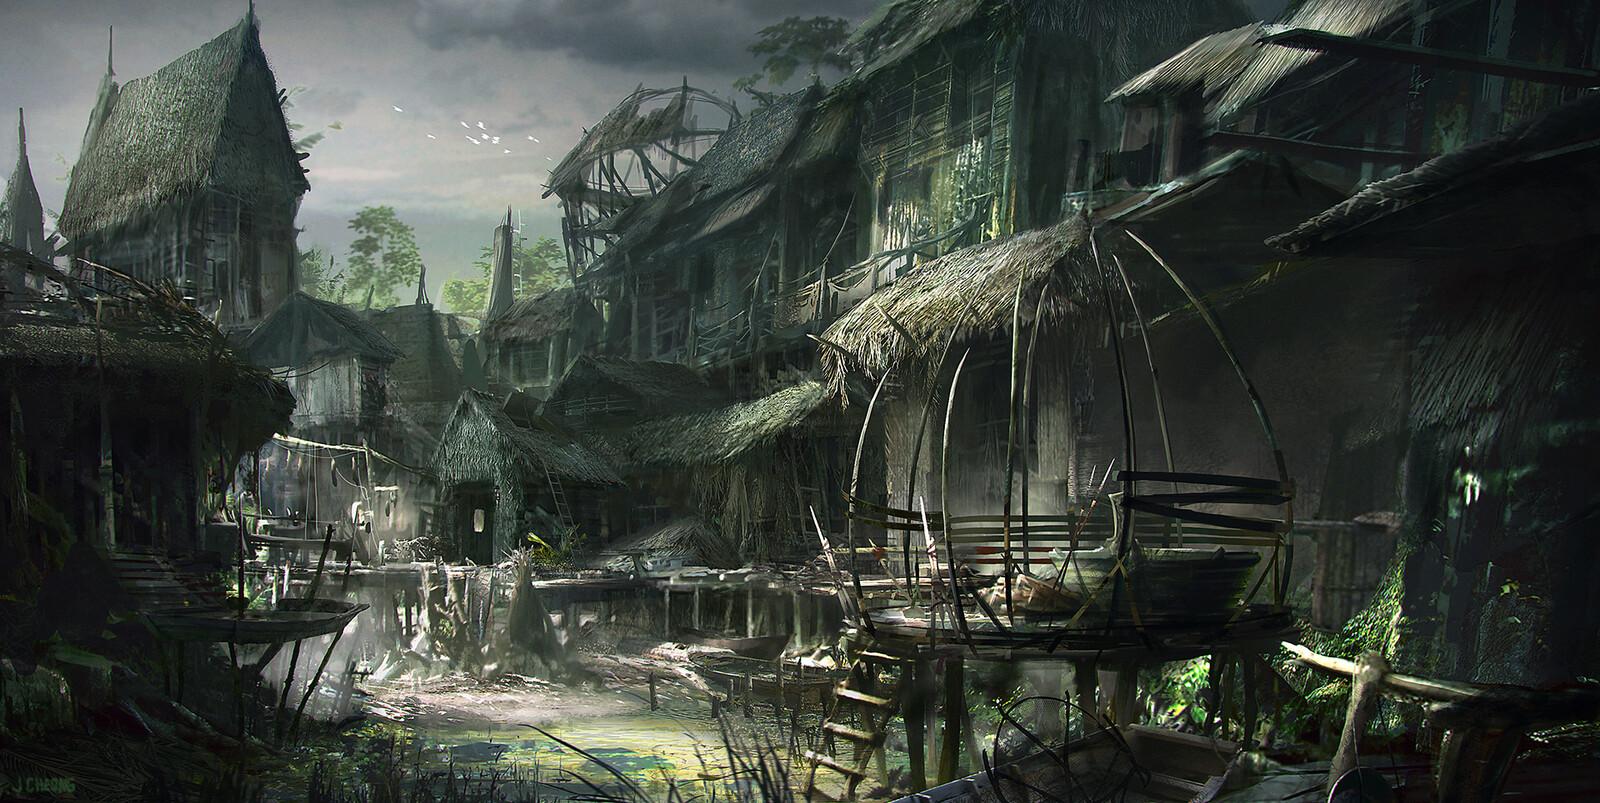 Bog village